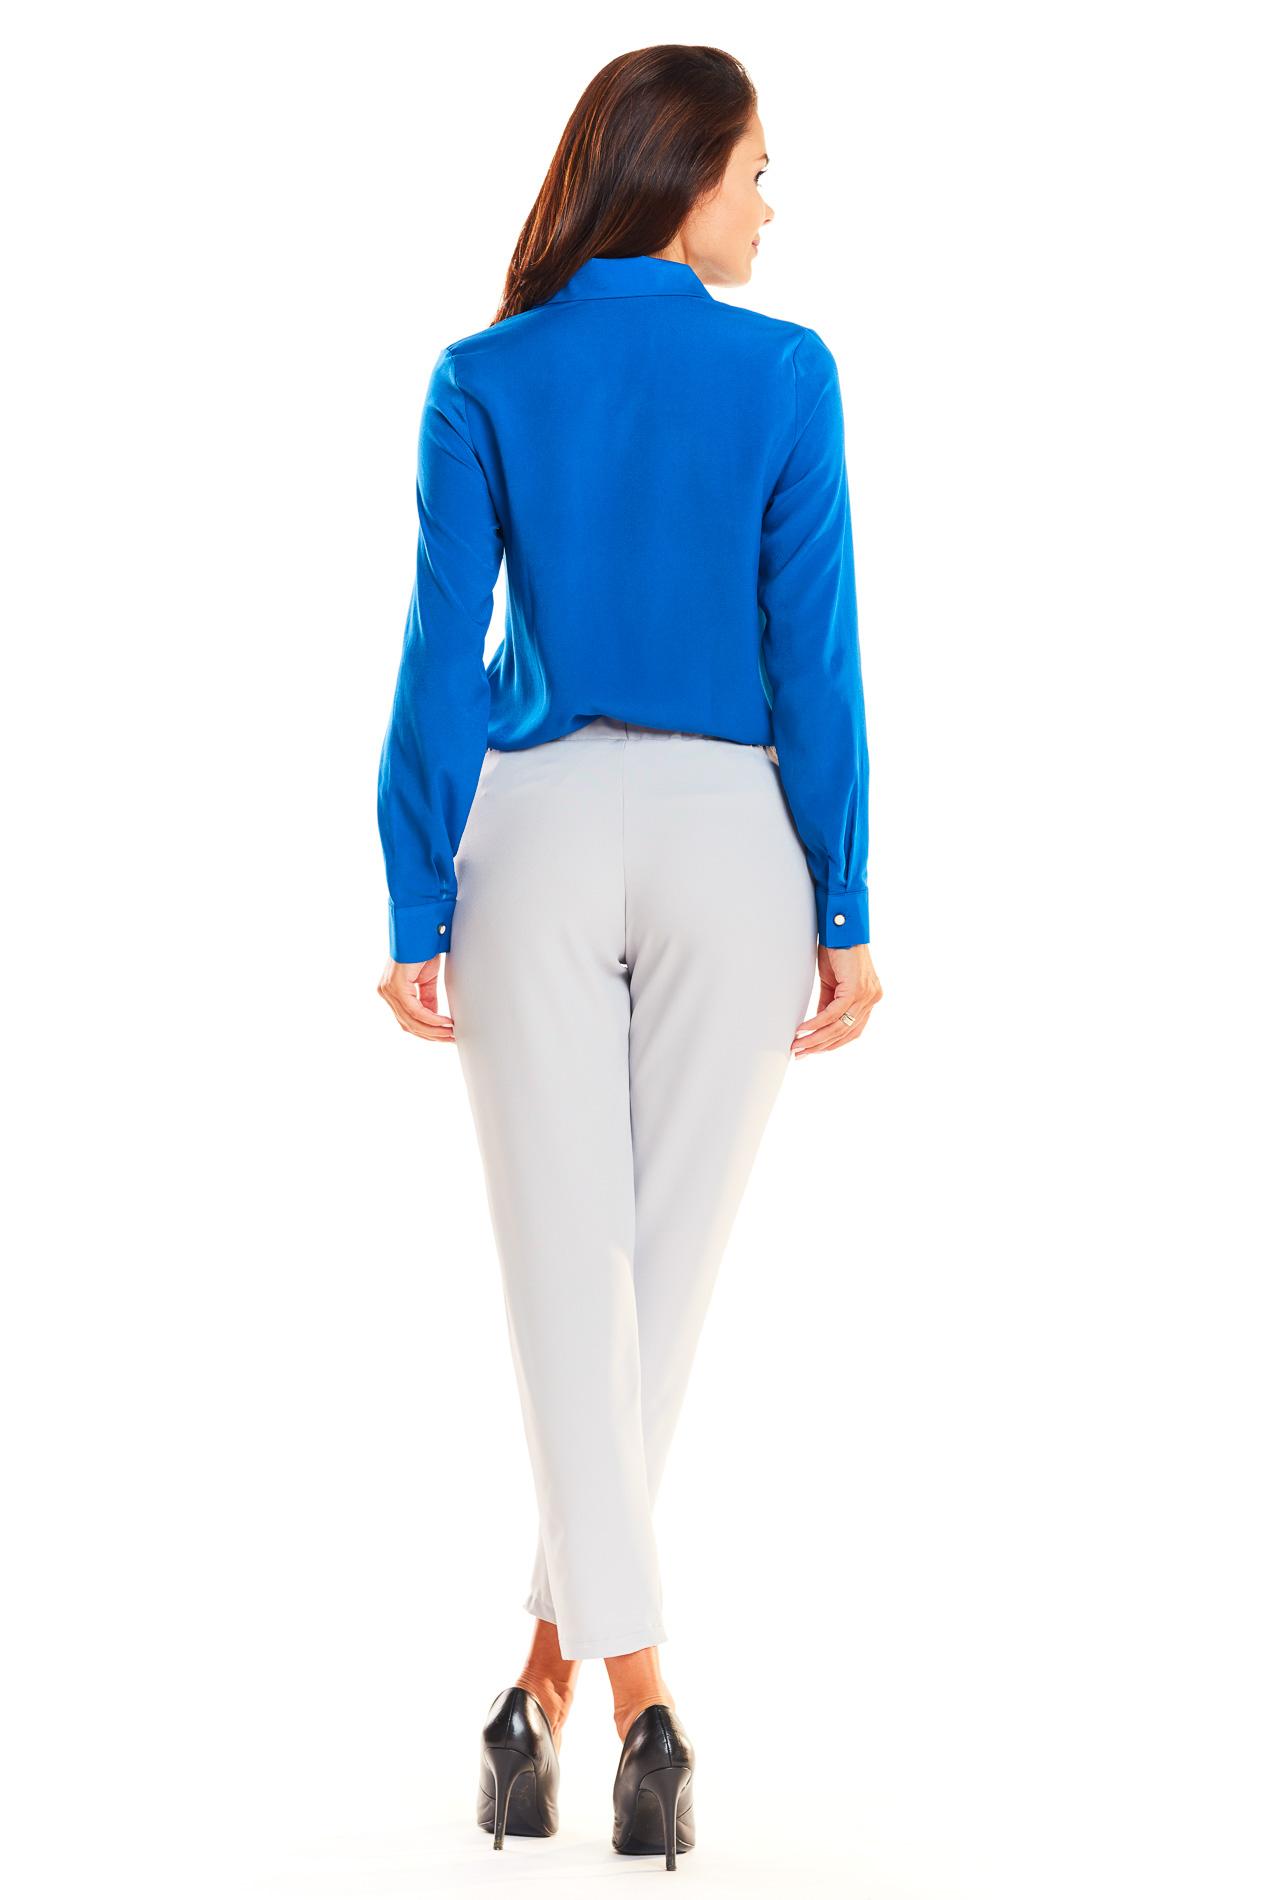 CM3935 Klasyczne biurowe spodnie - szare